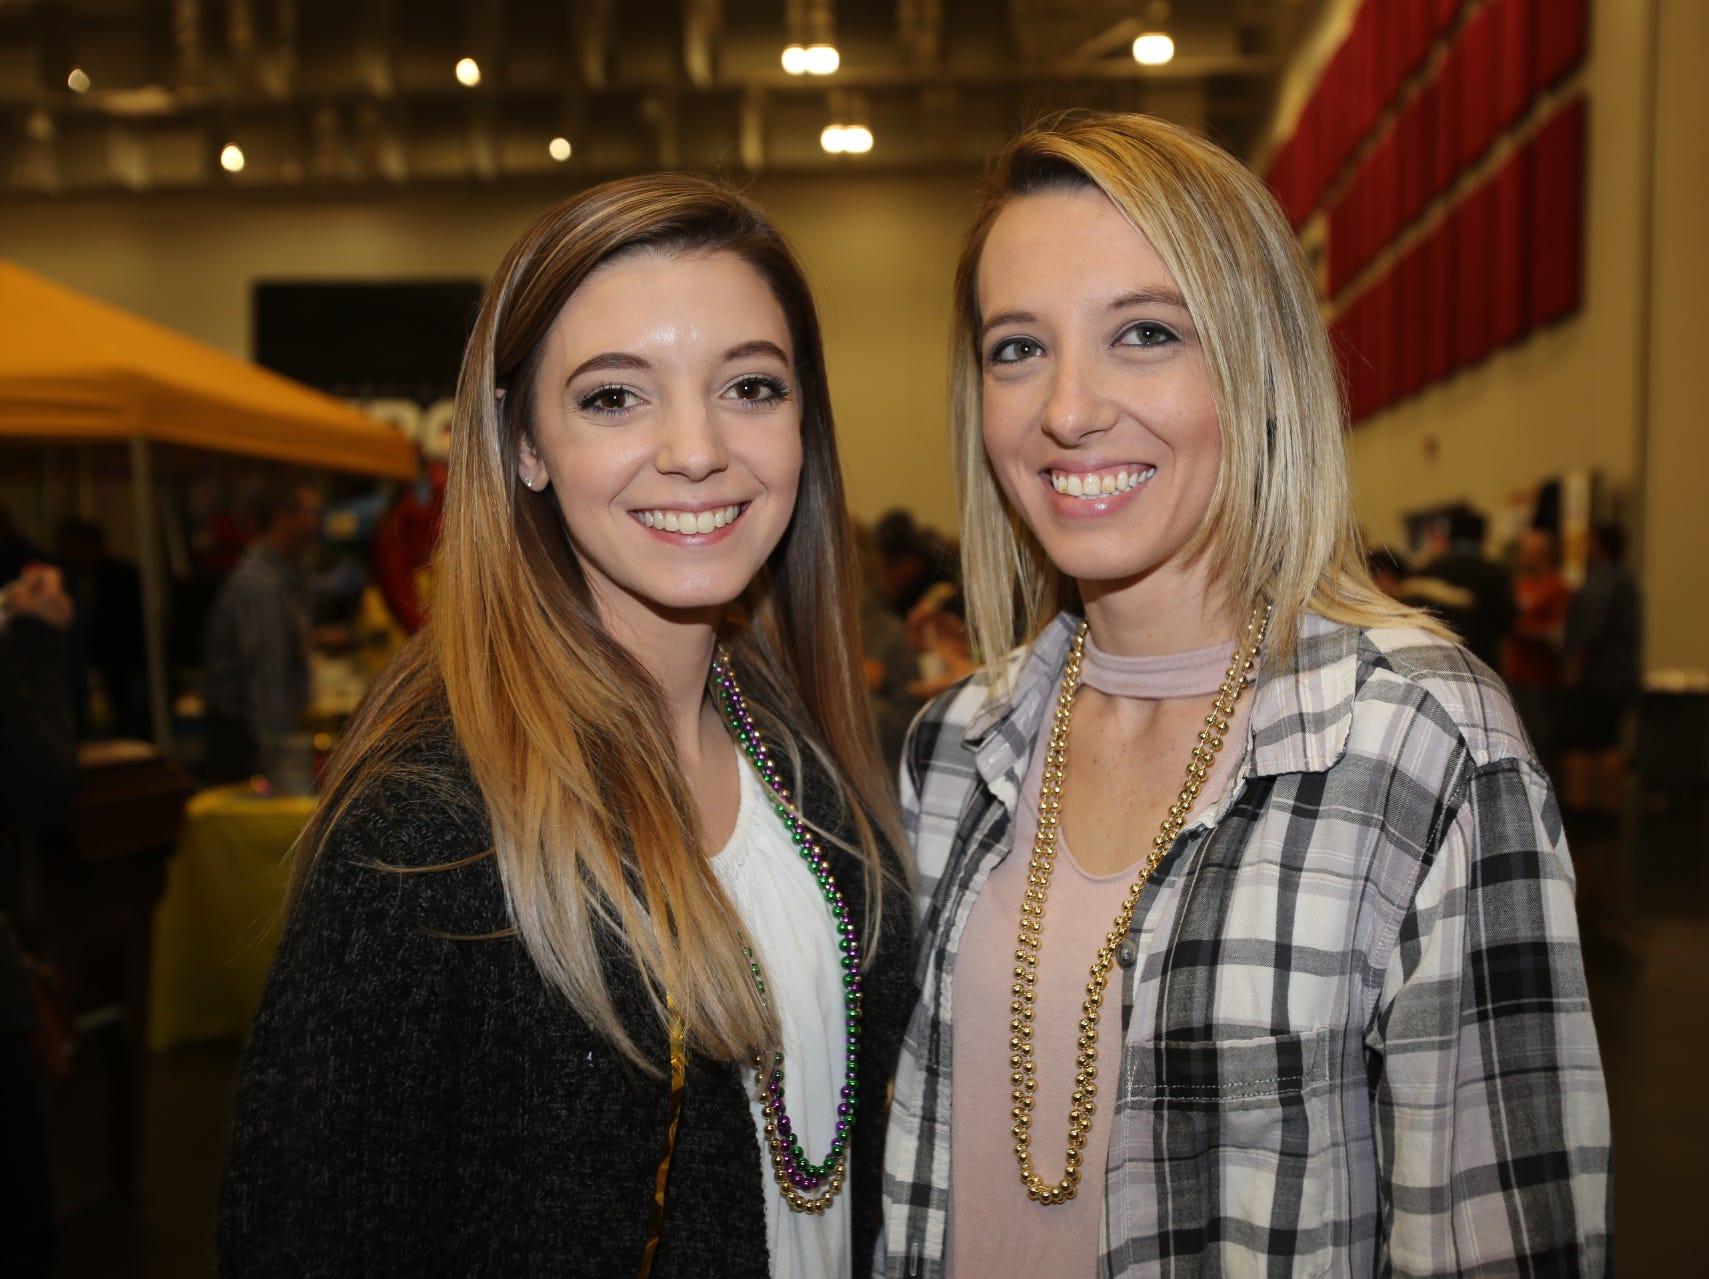 Dani Tracy and Megan Hawkins